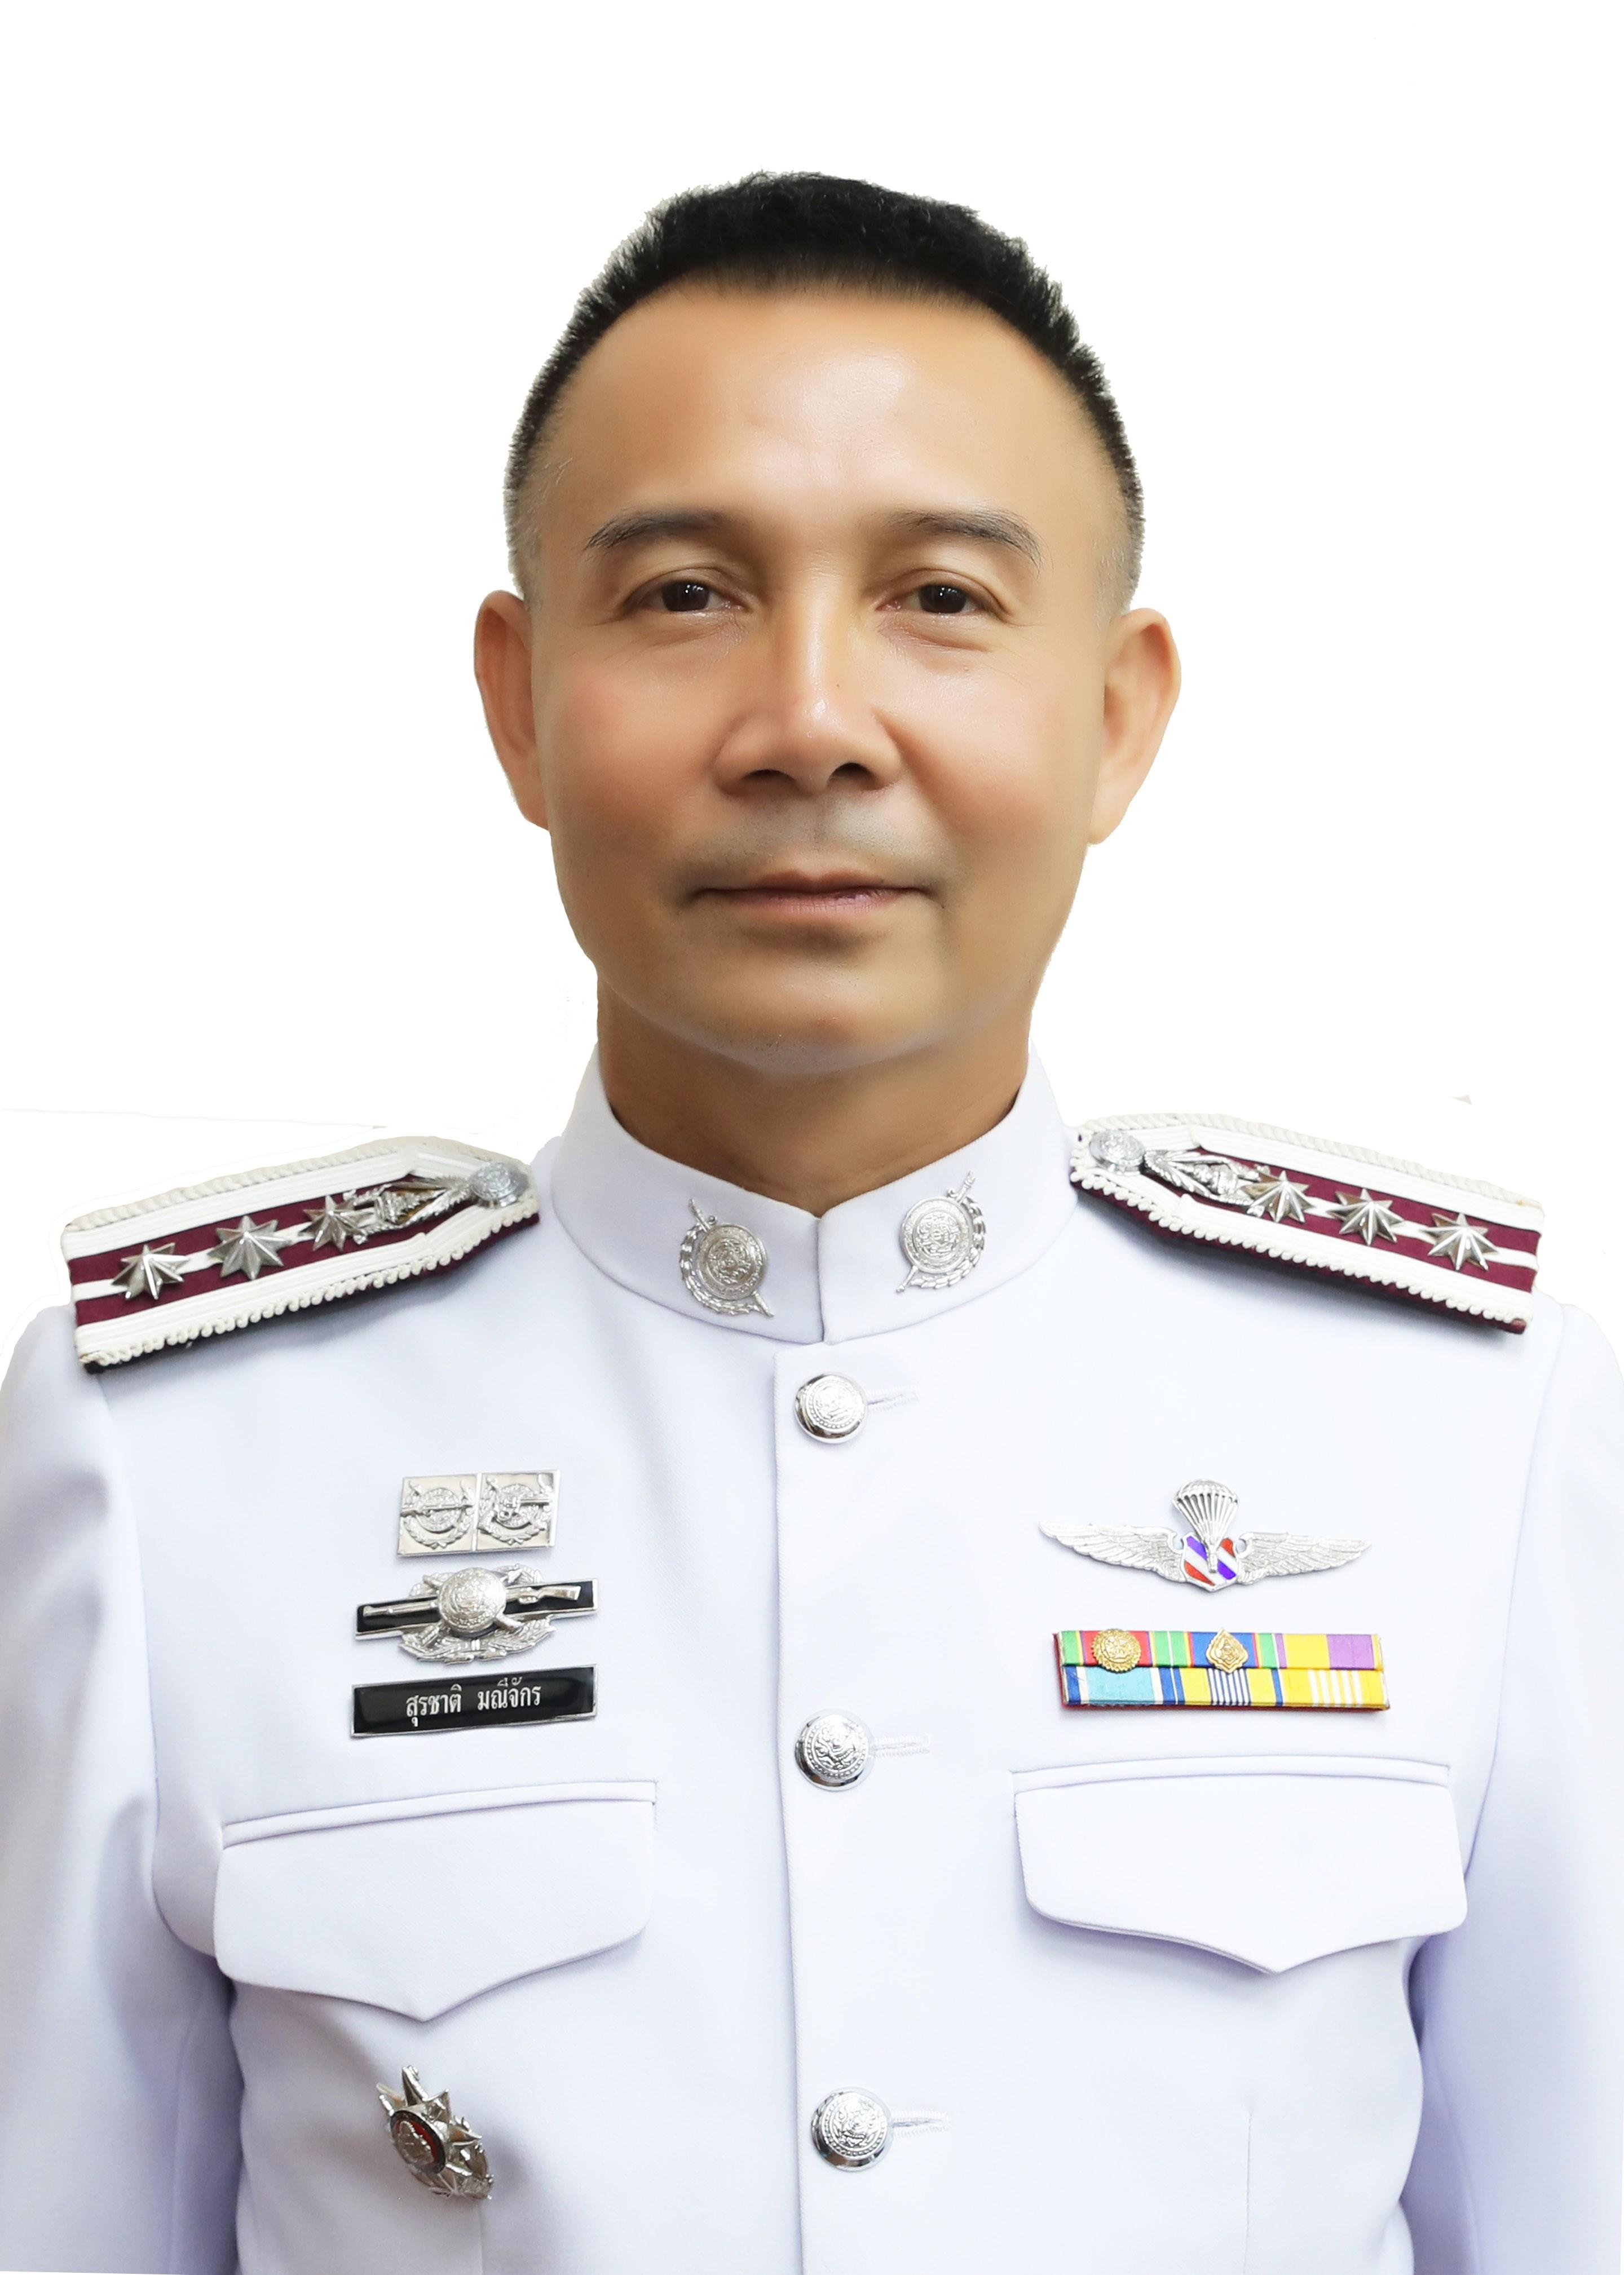 พล.ต.ต.สุรชาติ มณีจักร ผู้บังคับการตำรวจสันติบาล ๓